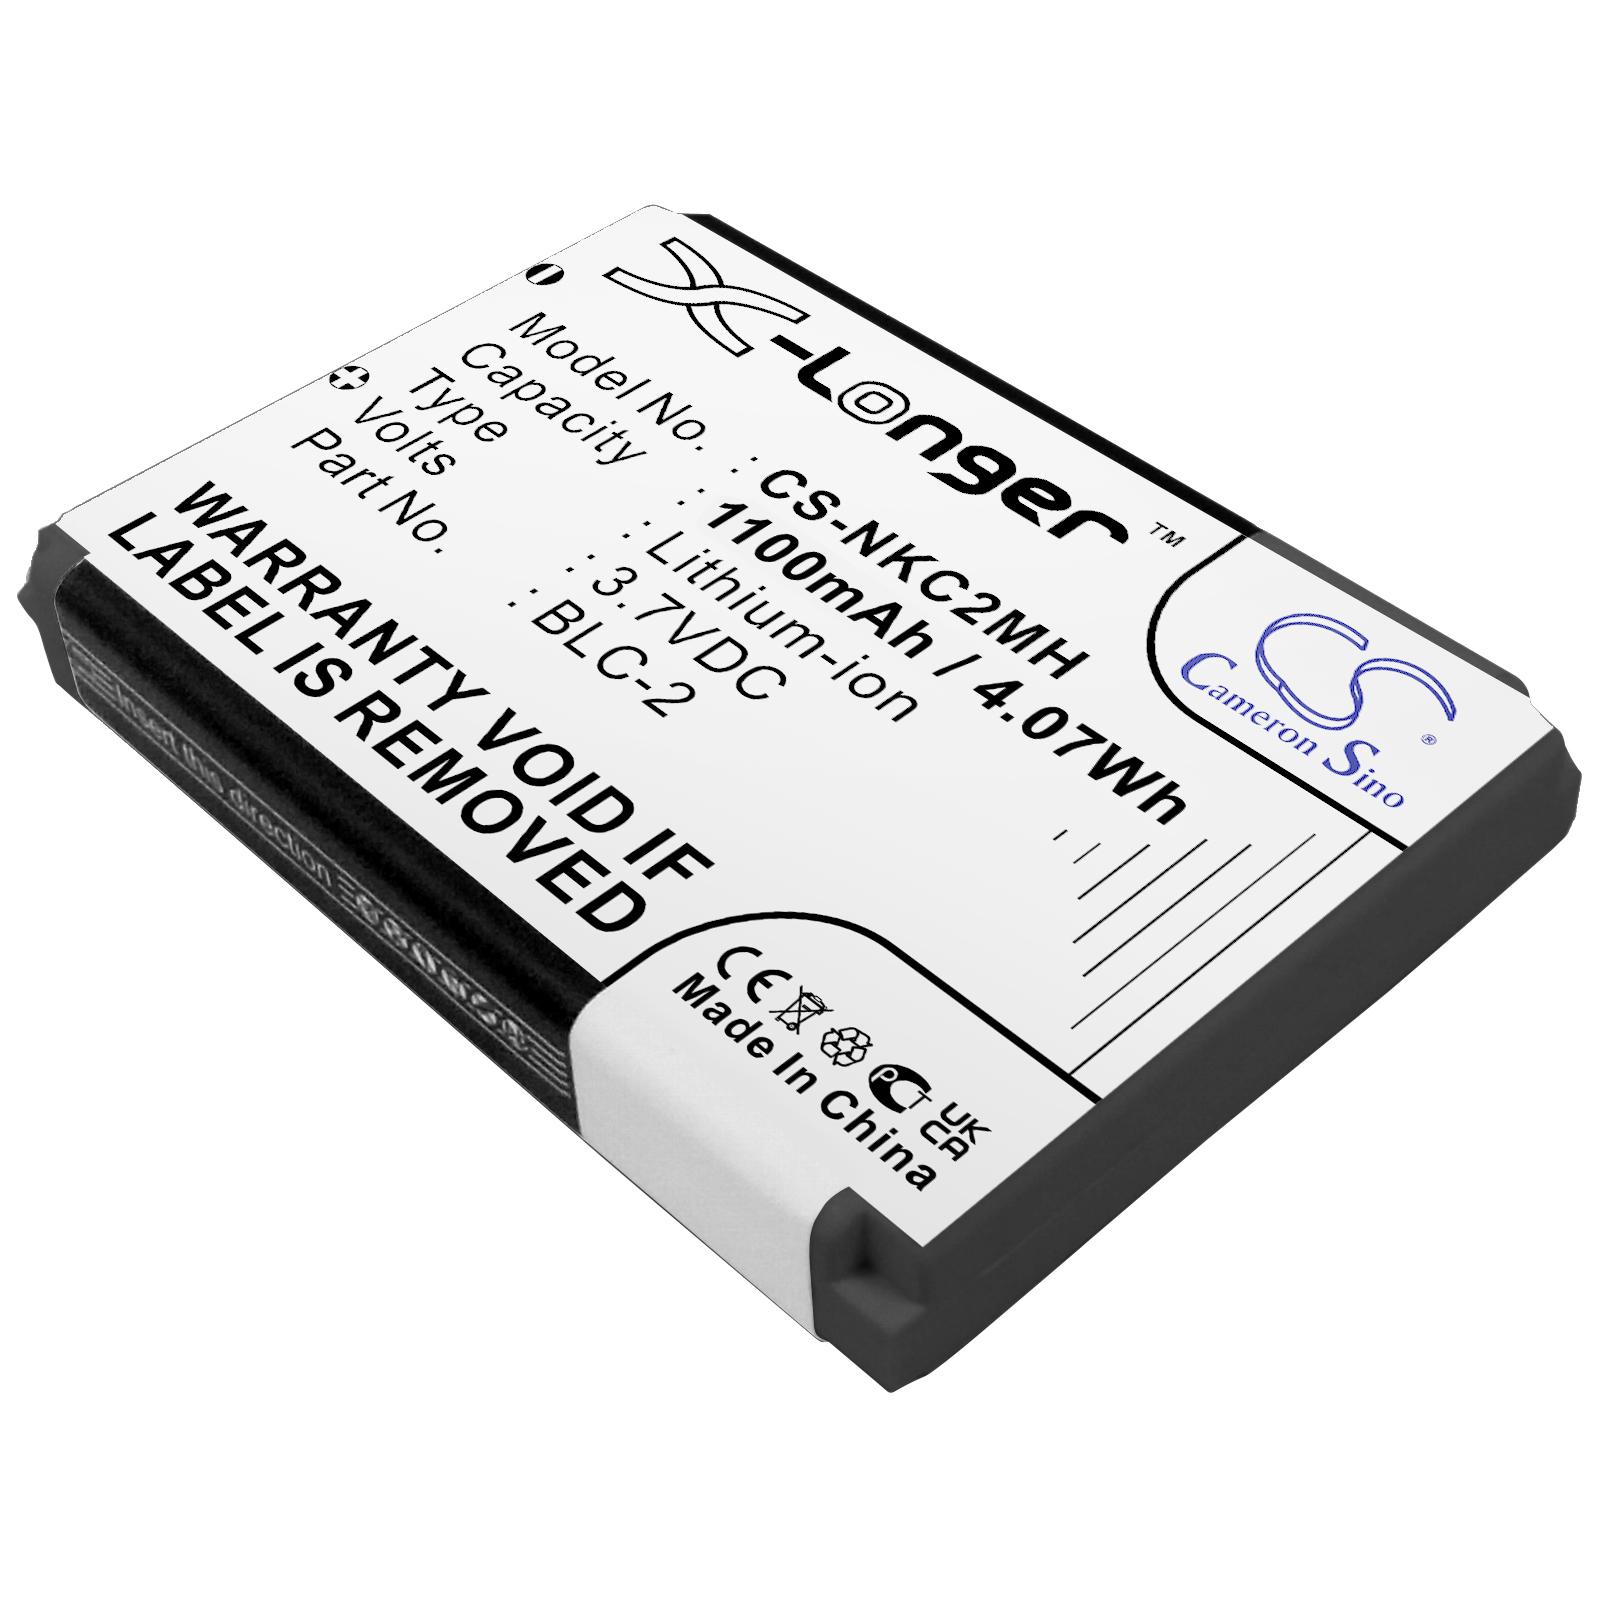 Cameron Sino baterie do mobilů pro NOKIA 3510 3.7V Li-ion 1350mAh bílá - neoriginální